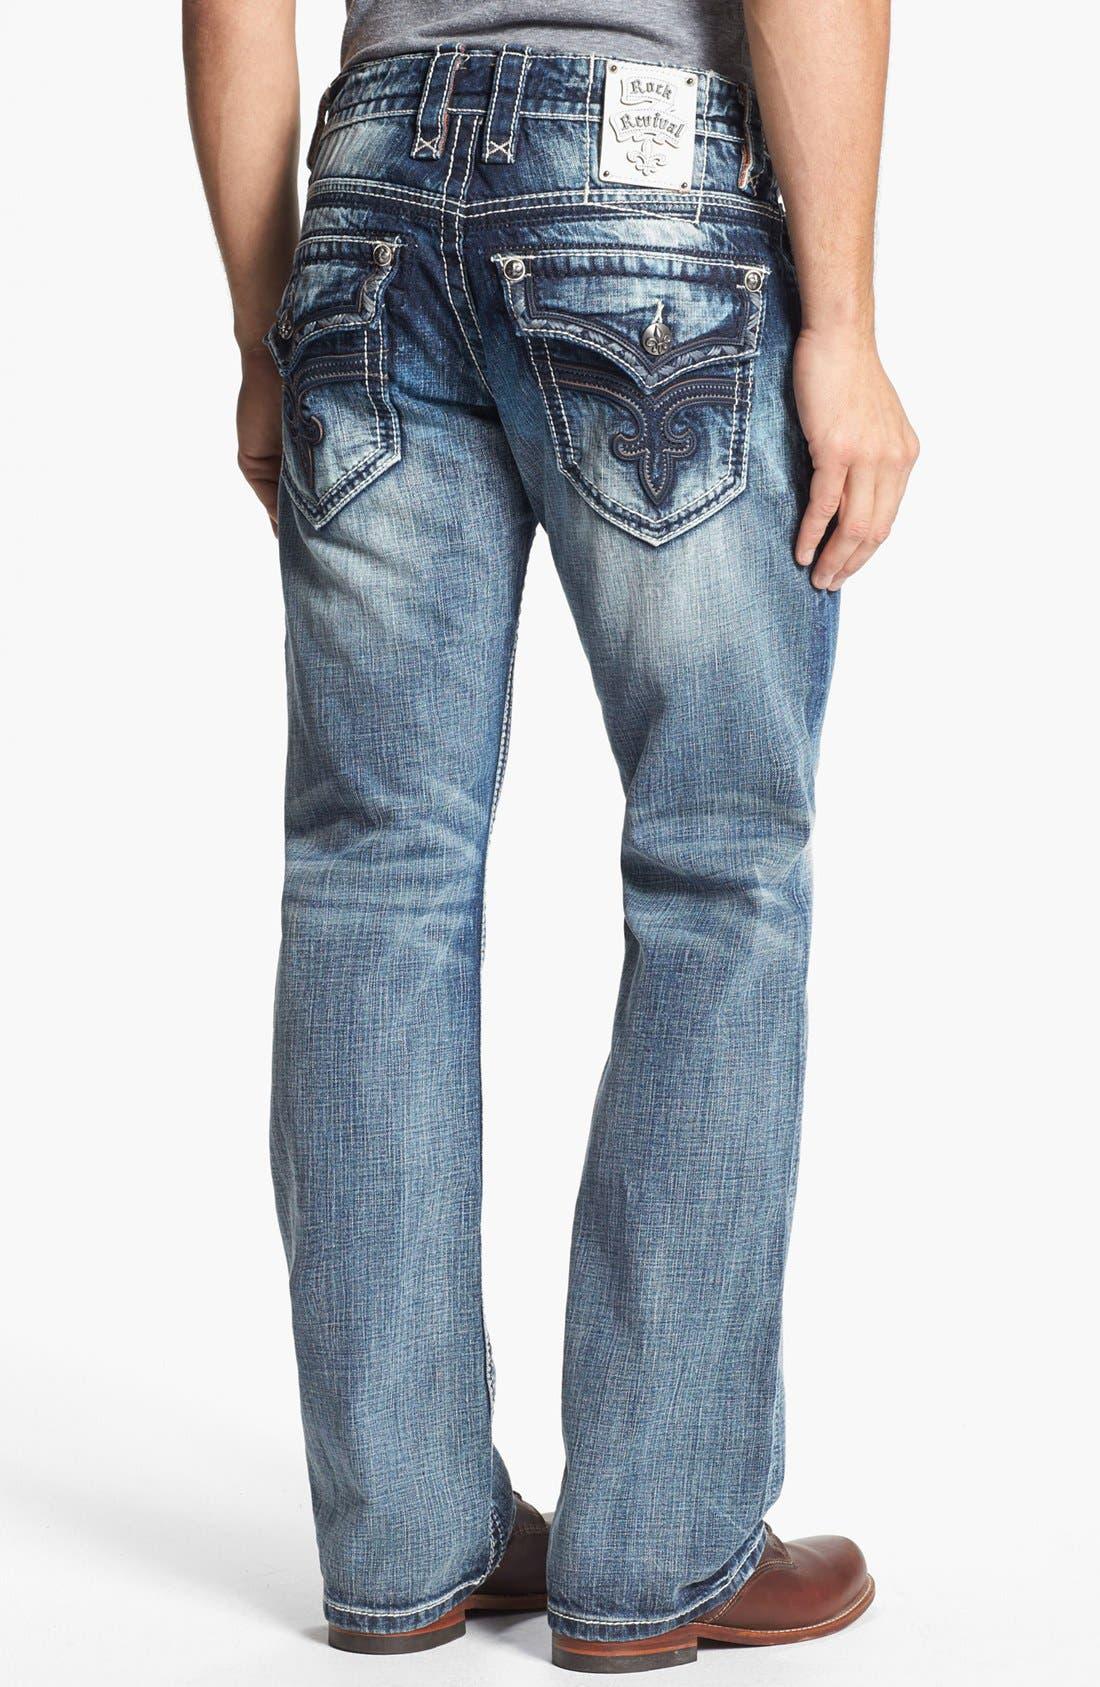 Alternate Image 1 Selected - Rock Revival 'Carter' Straight Leg Jeans (Light Blue)